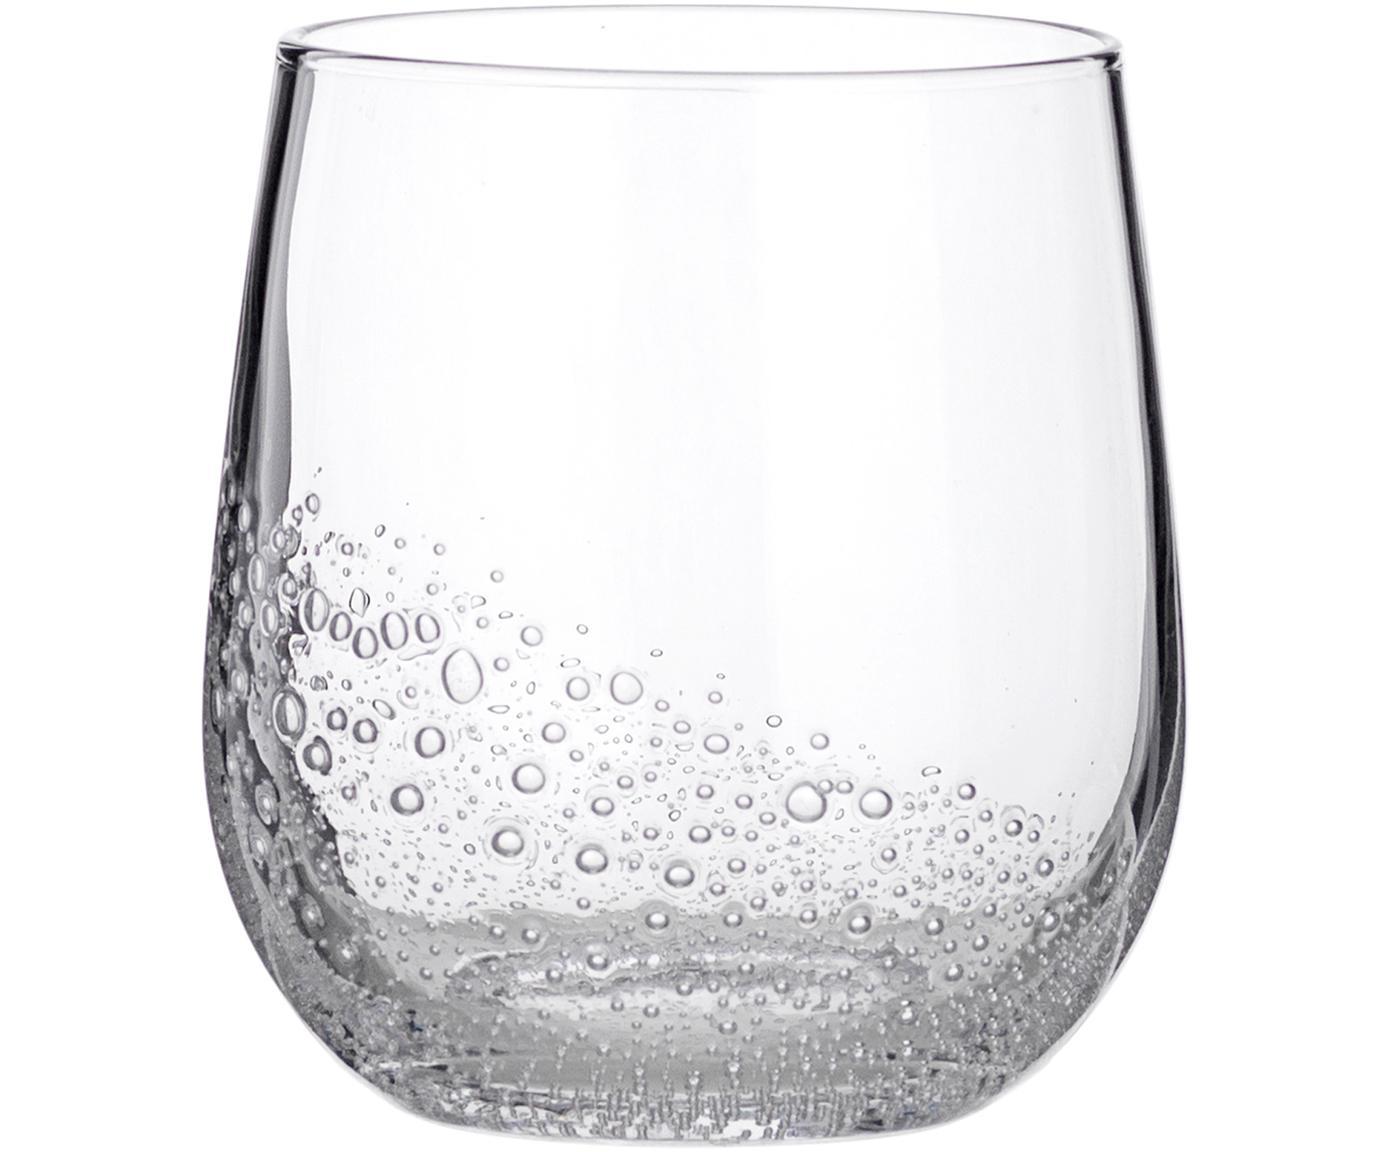 Vasos de vidrio soplado Bubble, 4uds., Vidrio soplado, Transparente con burbujas de aire, Ø 9 x Al 10 cm